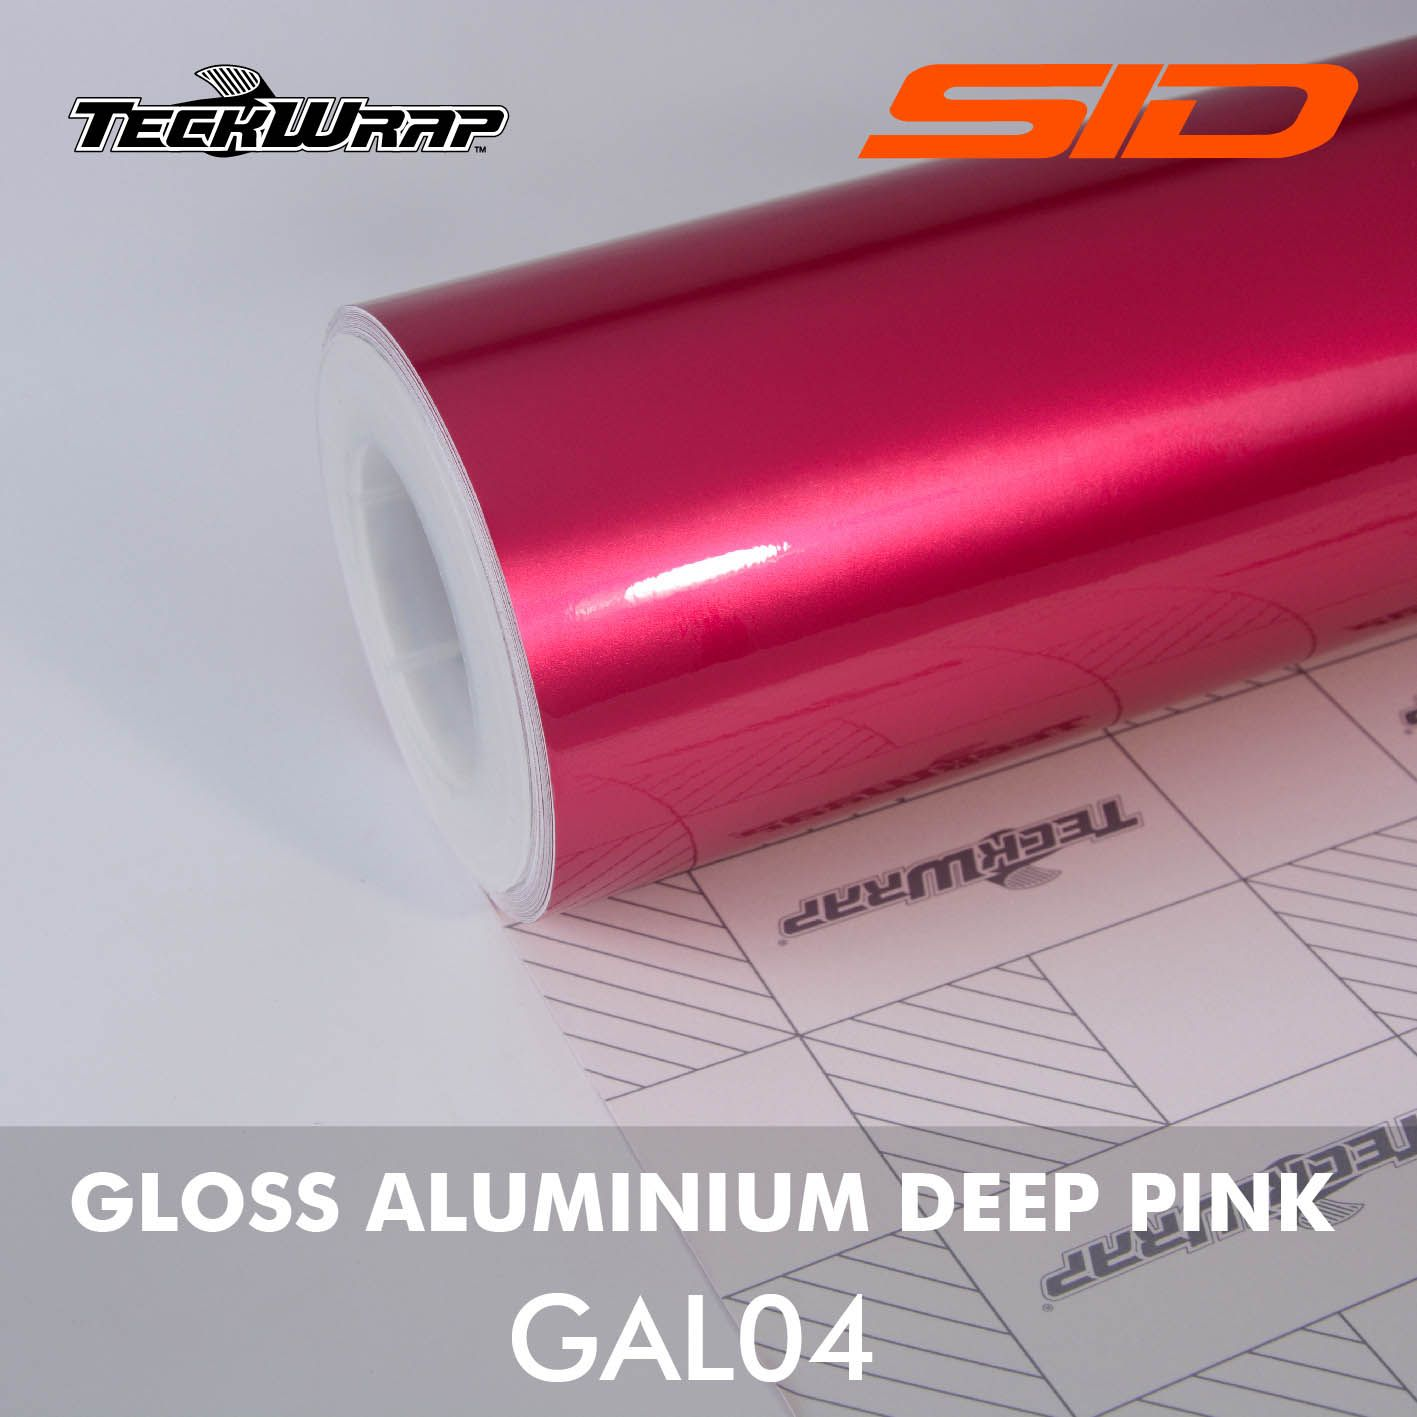 Vinil TeckWrap - Gloss Aluminium - Metro Linear